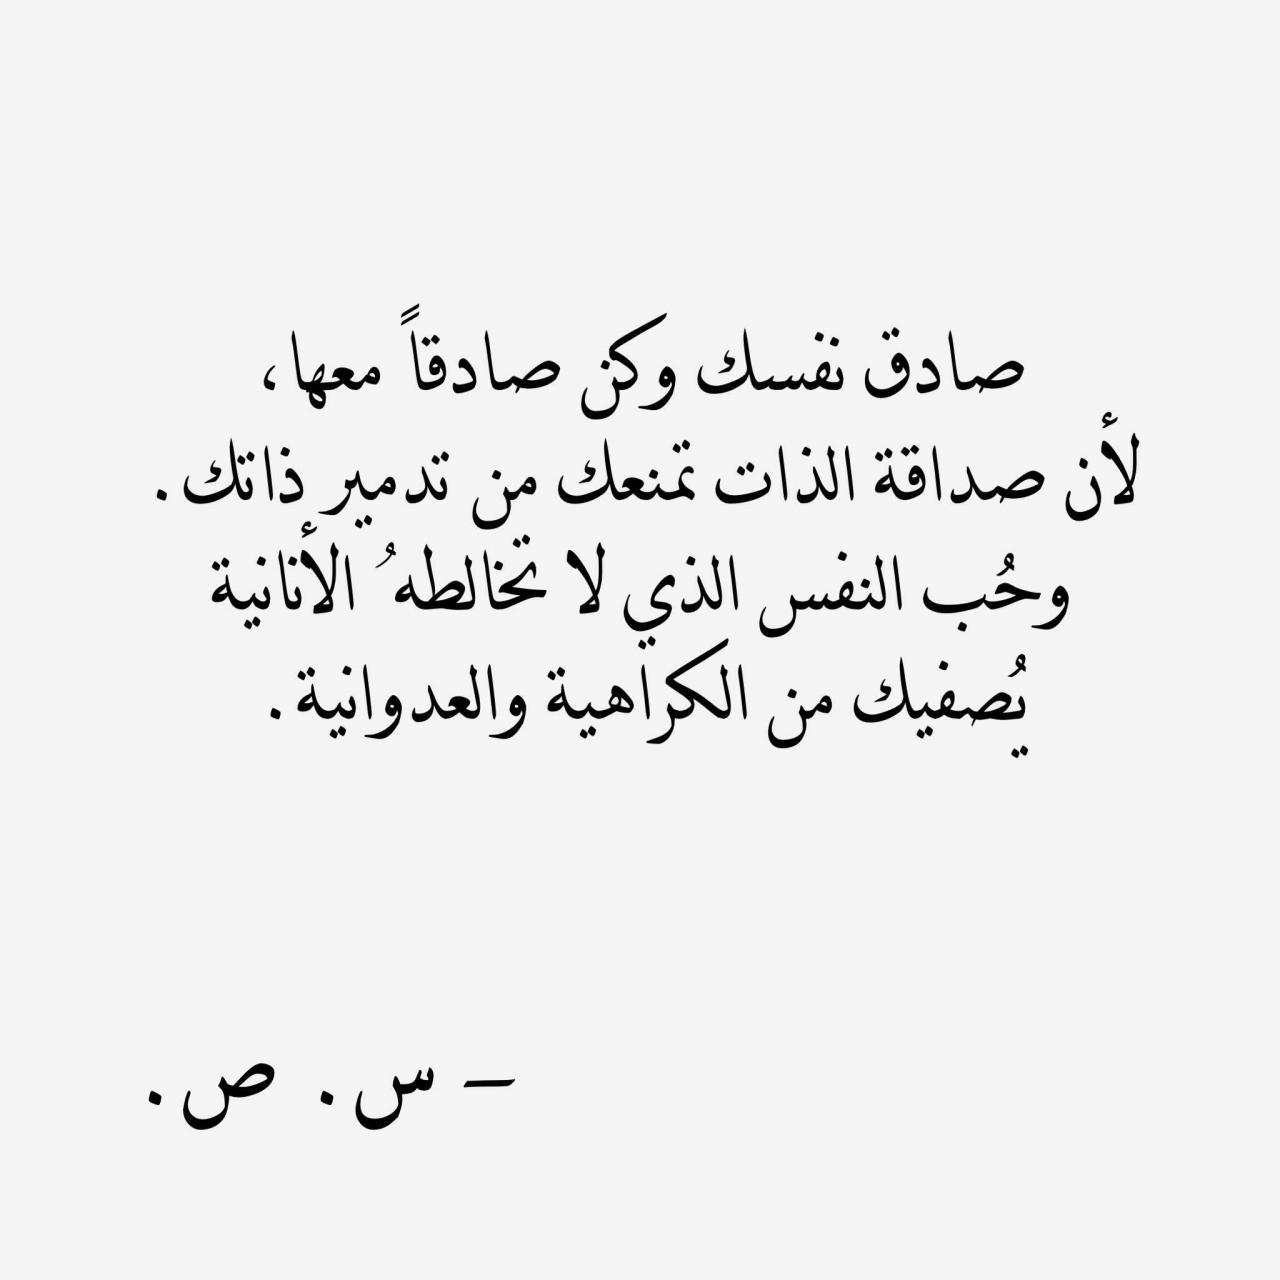 كلمات عن حب الذات ازاى تحب نفسك احلى حلوات